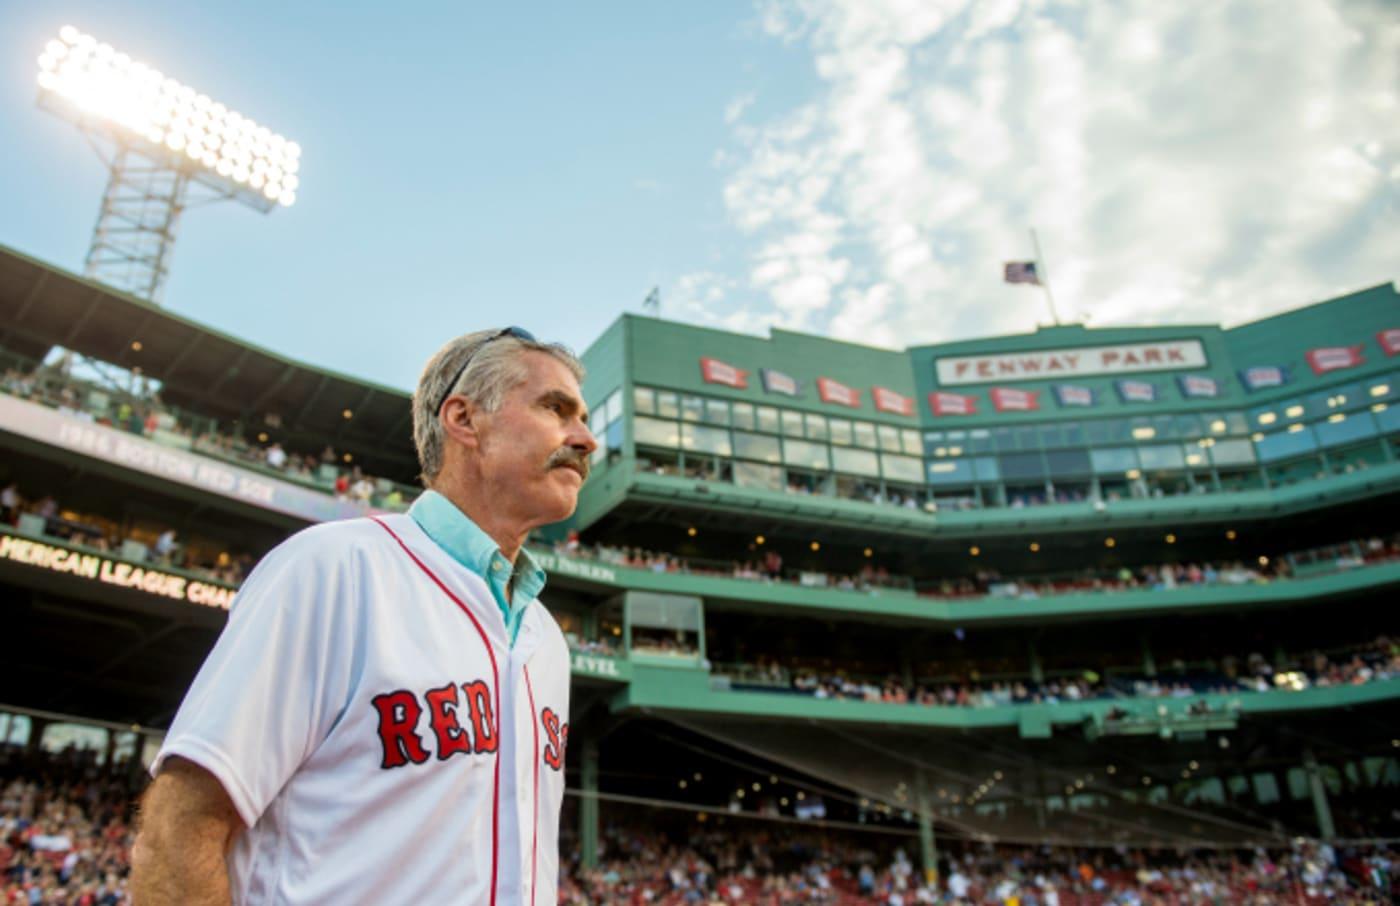 Former Boston Red Sox player Bill Buckner